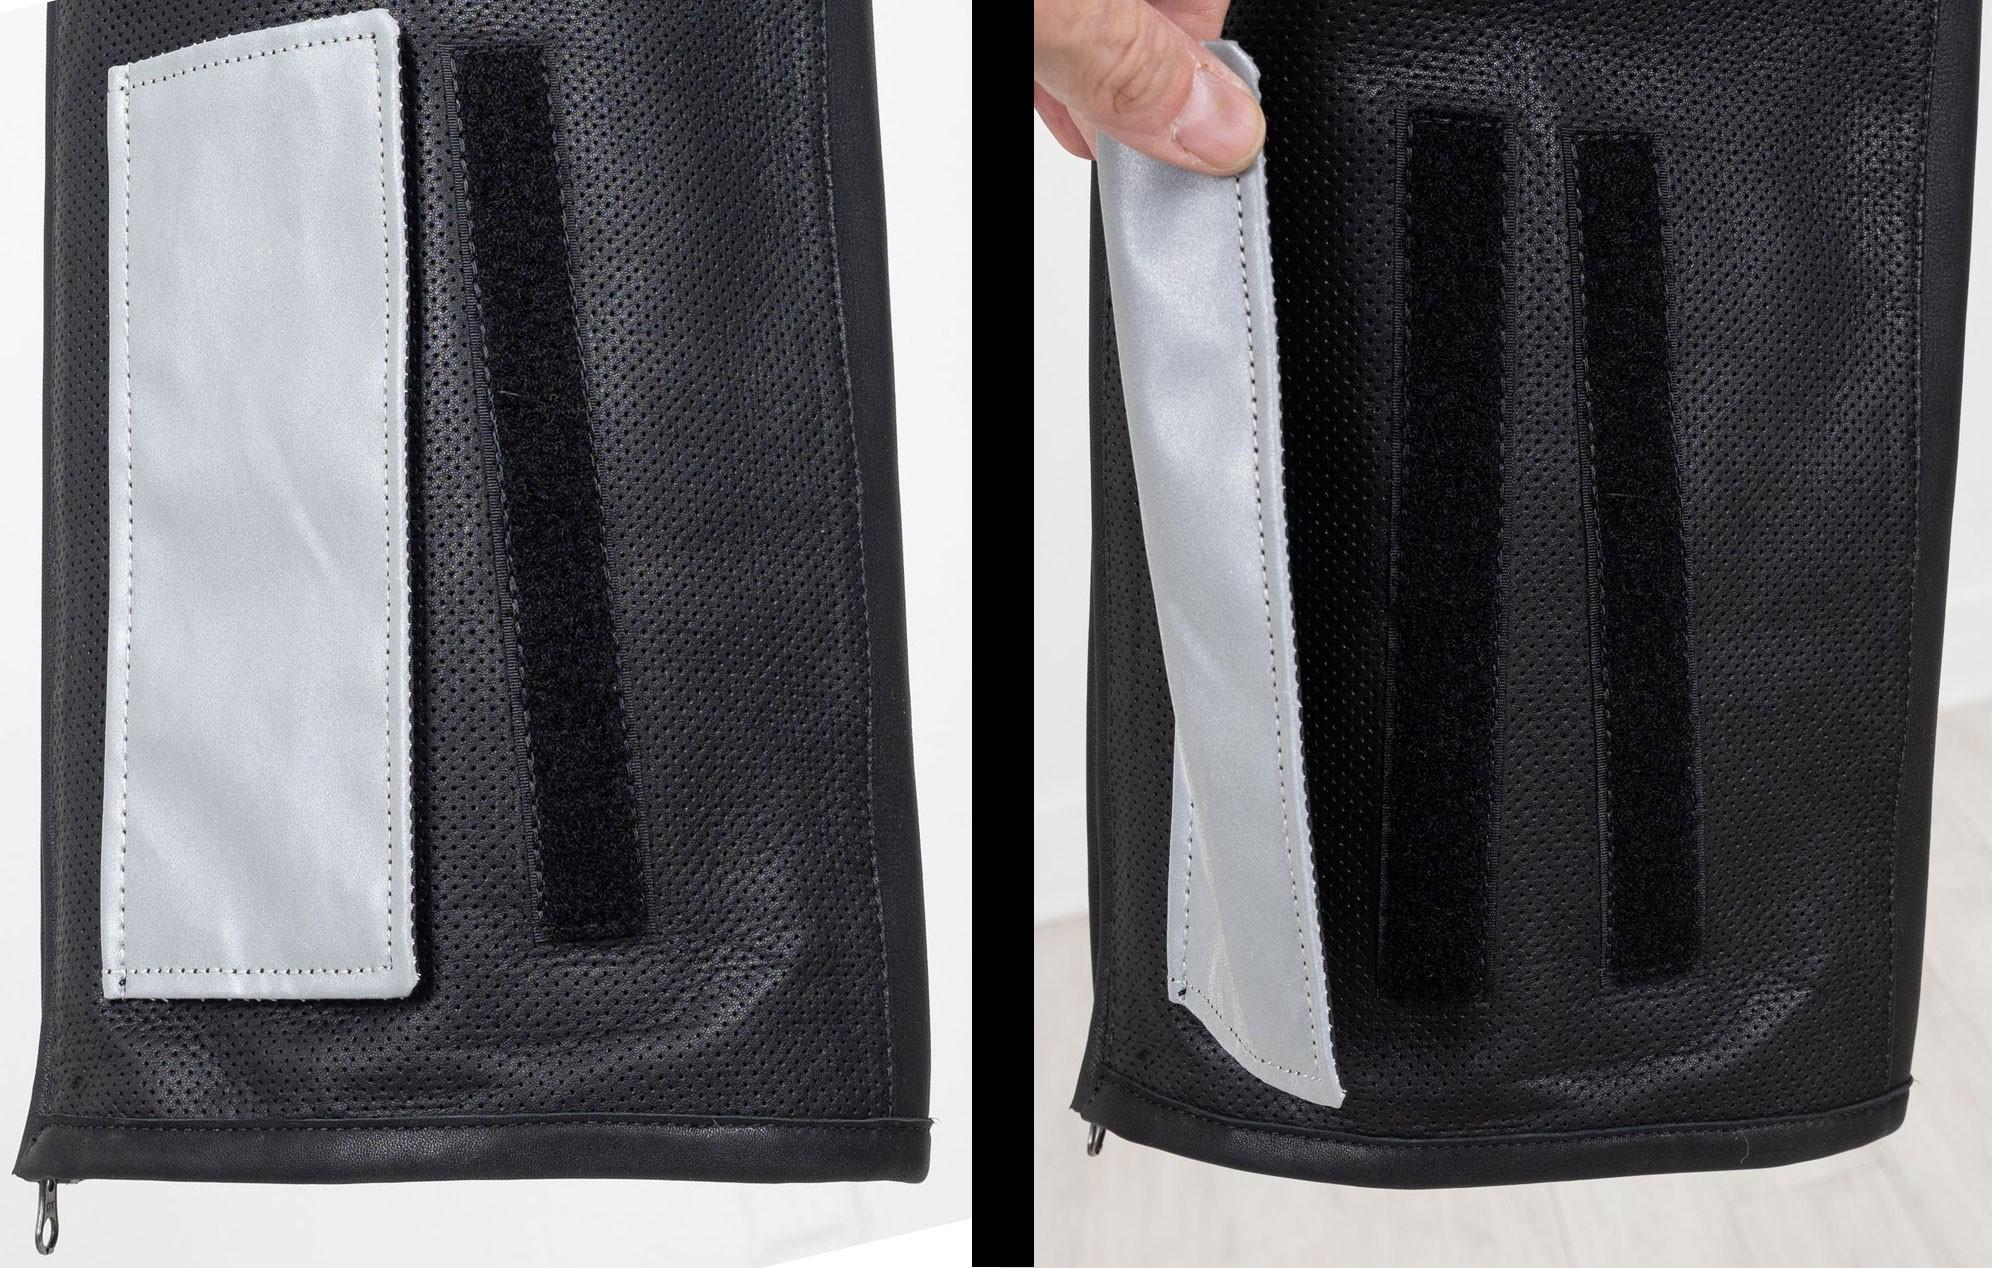 Adjustable leg openings and loop fasteners